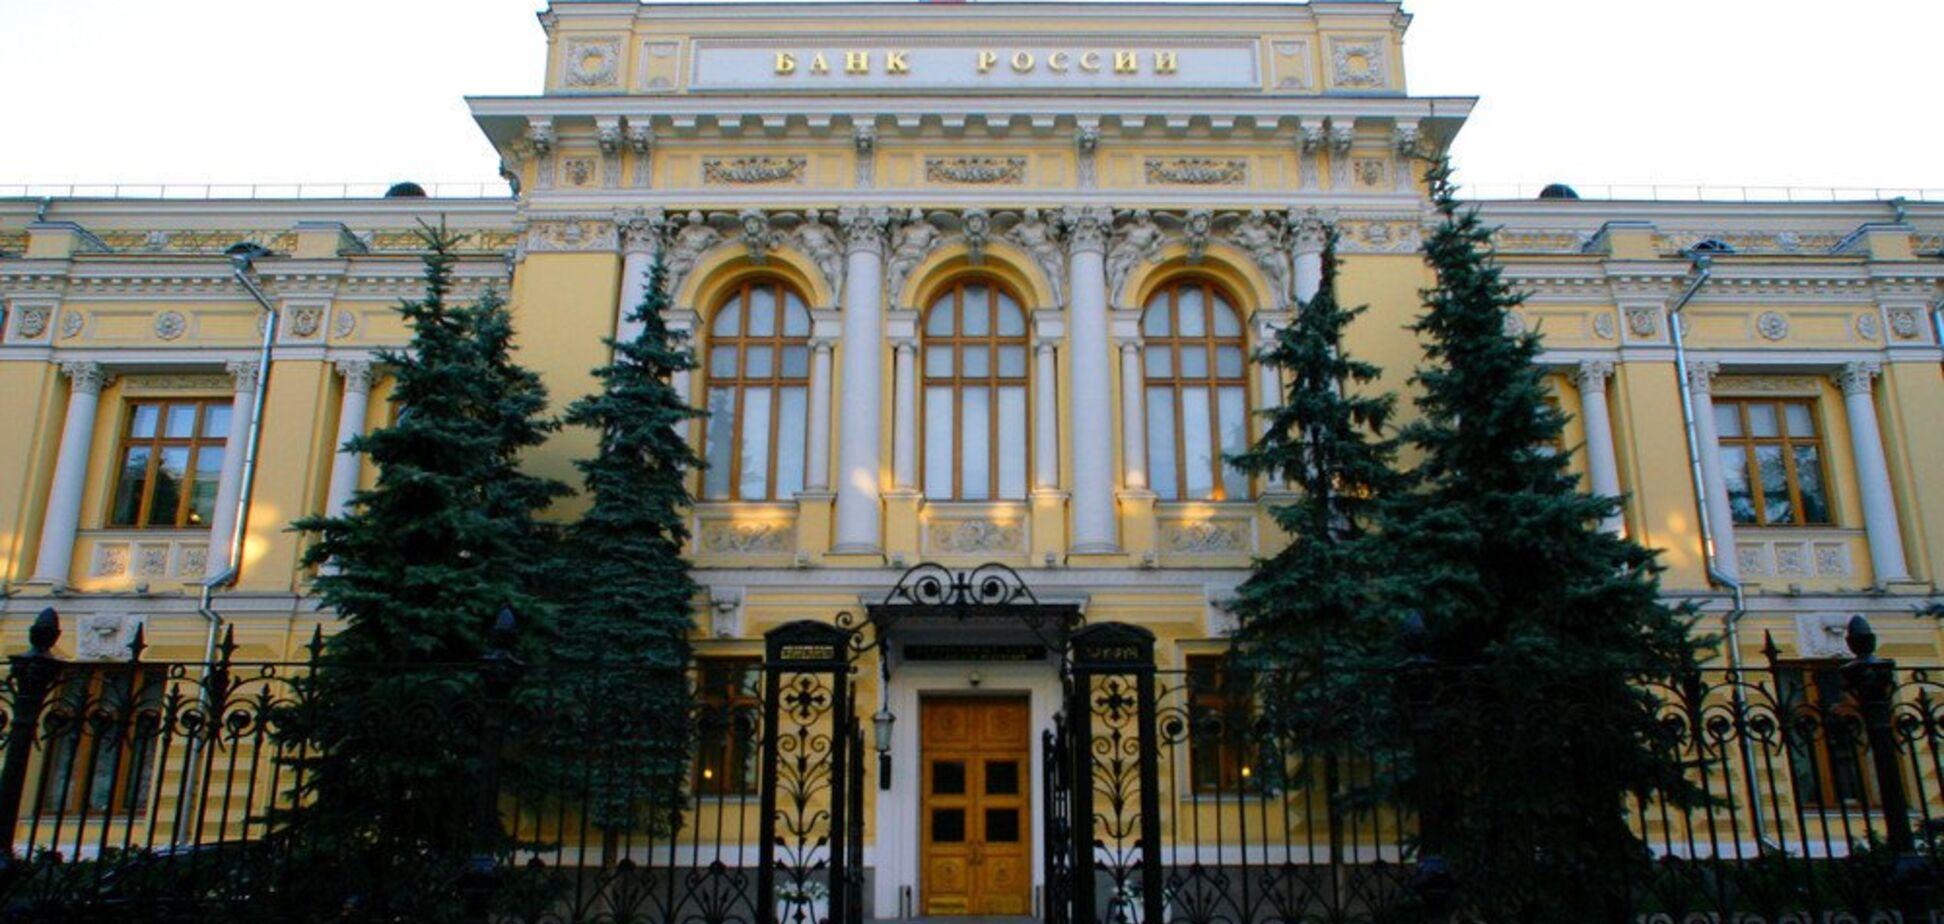 Росії пригрозили відключенням від SWIFT: головний банк країни забив на сполох